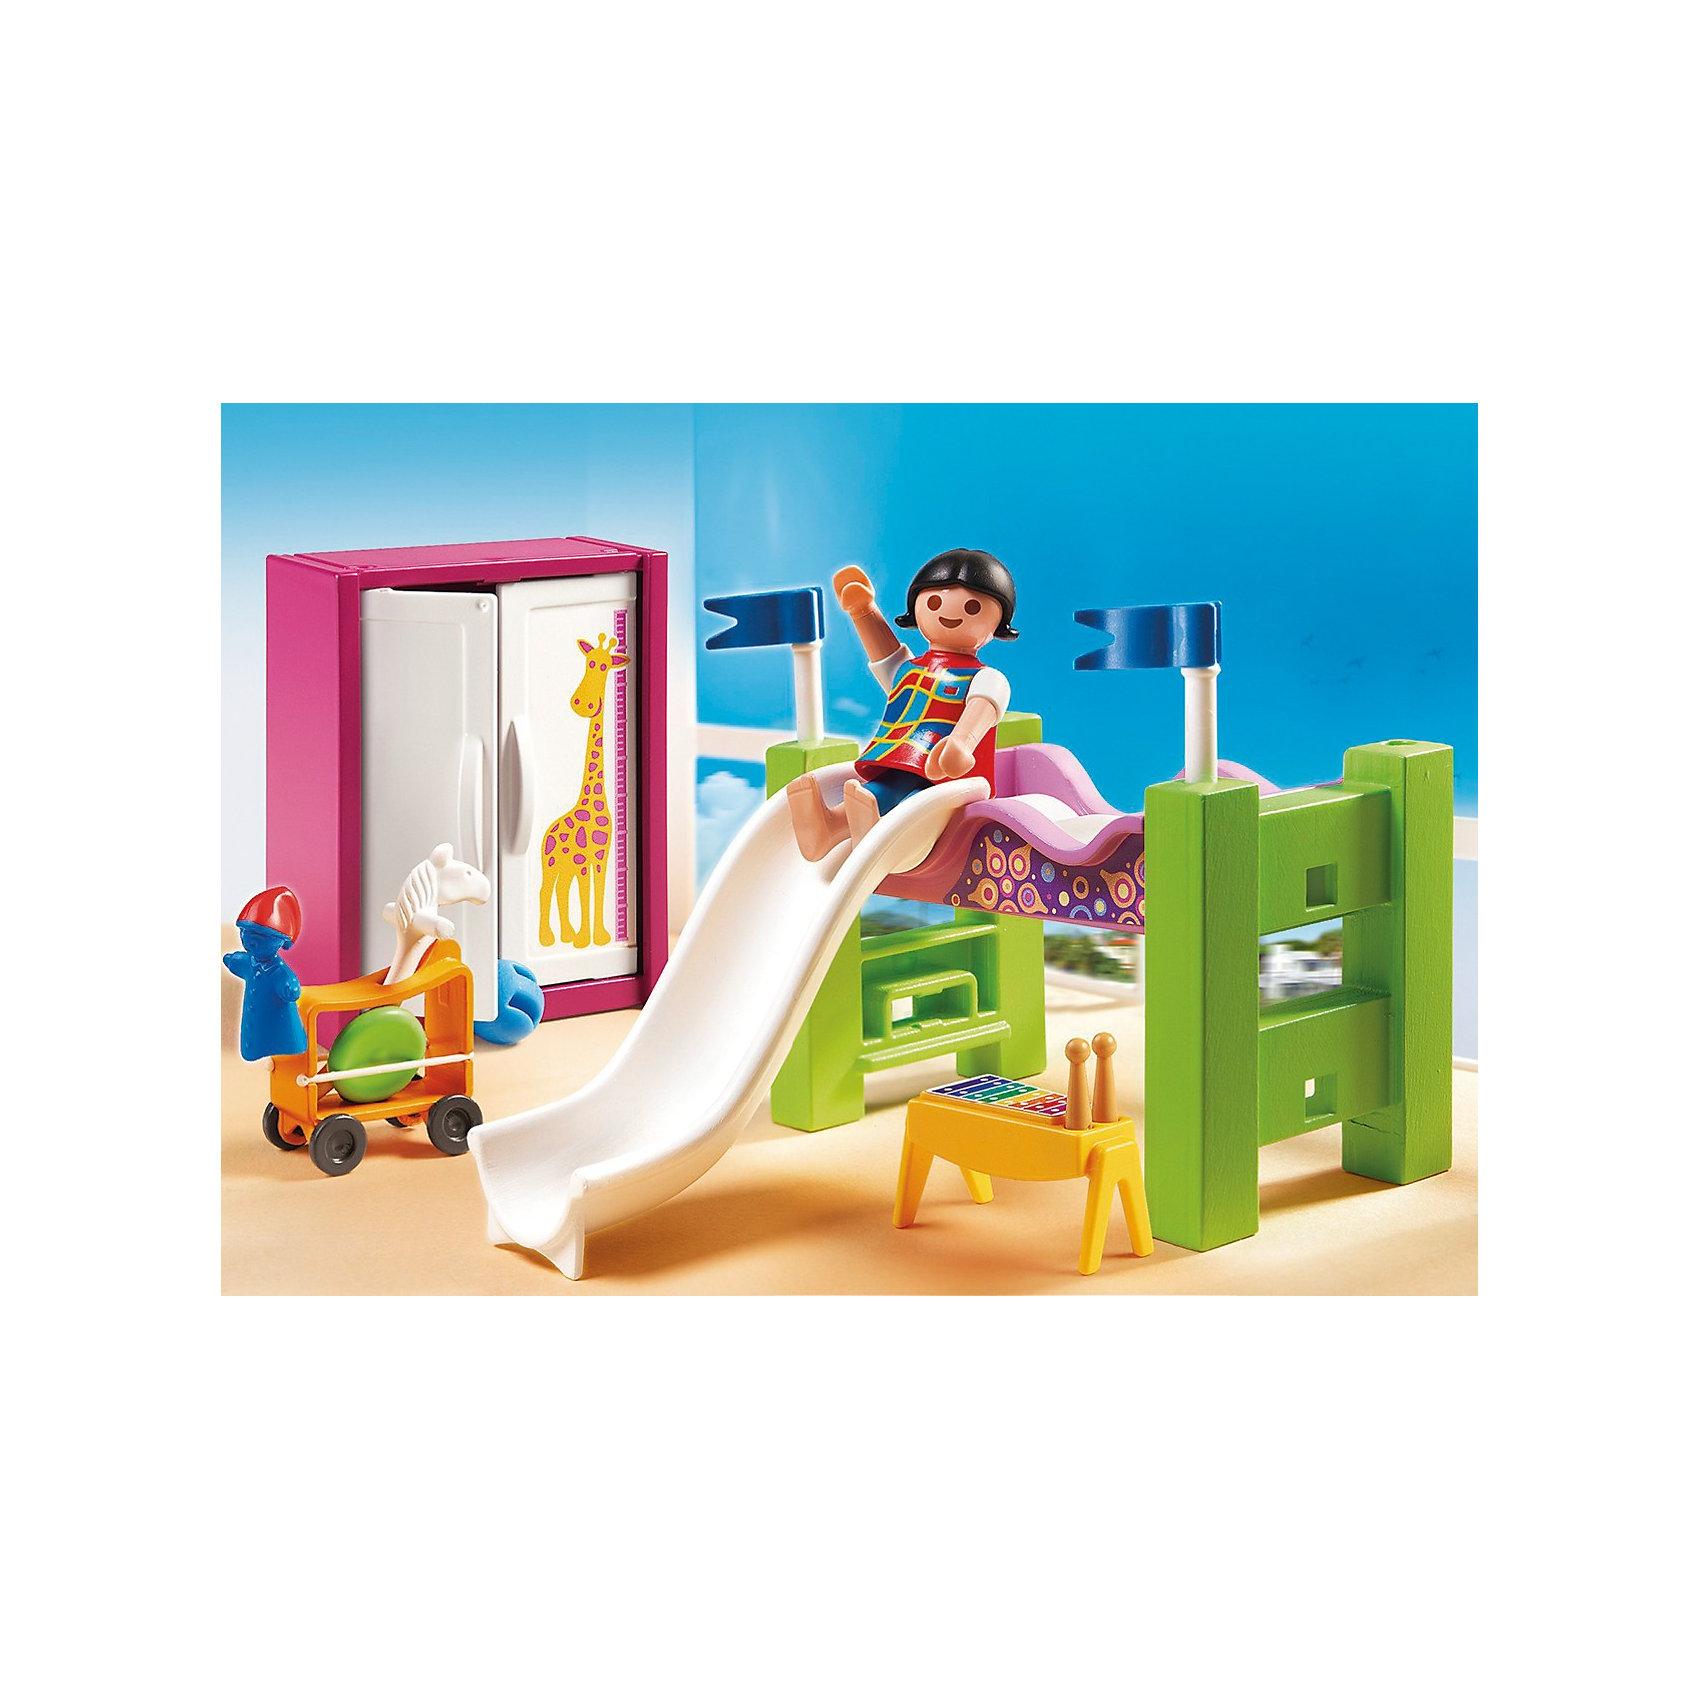 PLAYMOBIL® PLAYMOBIL 5579 Особняки: Детская комната с двухъярусной кроватью-горкой детская комната игрушки мягкие игрушки игрушки гамак сетка организация держатель для хранения